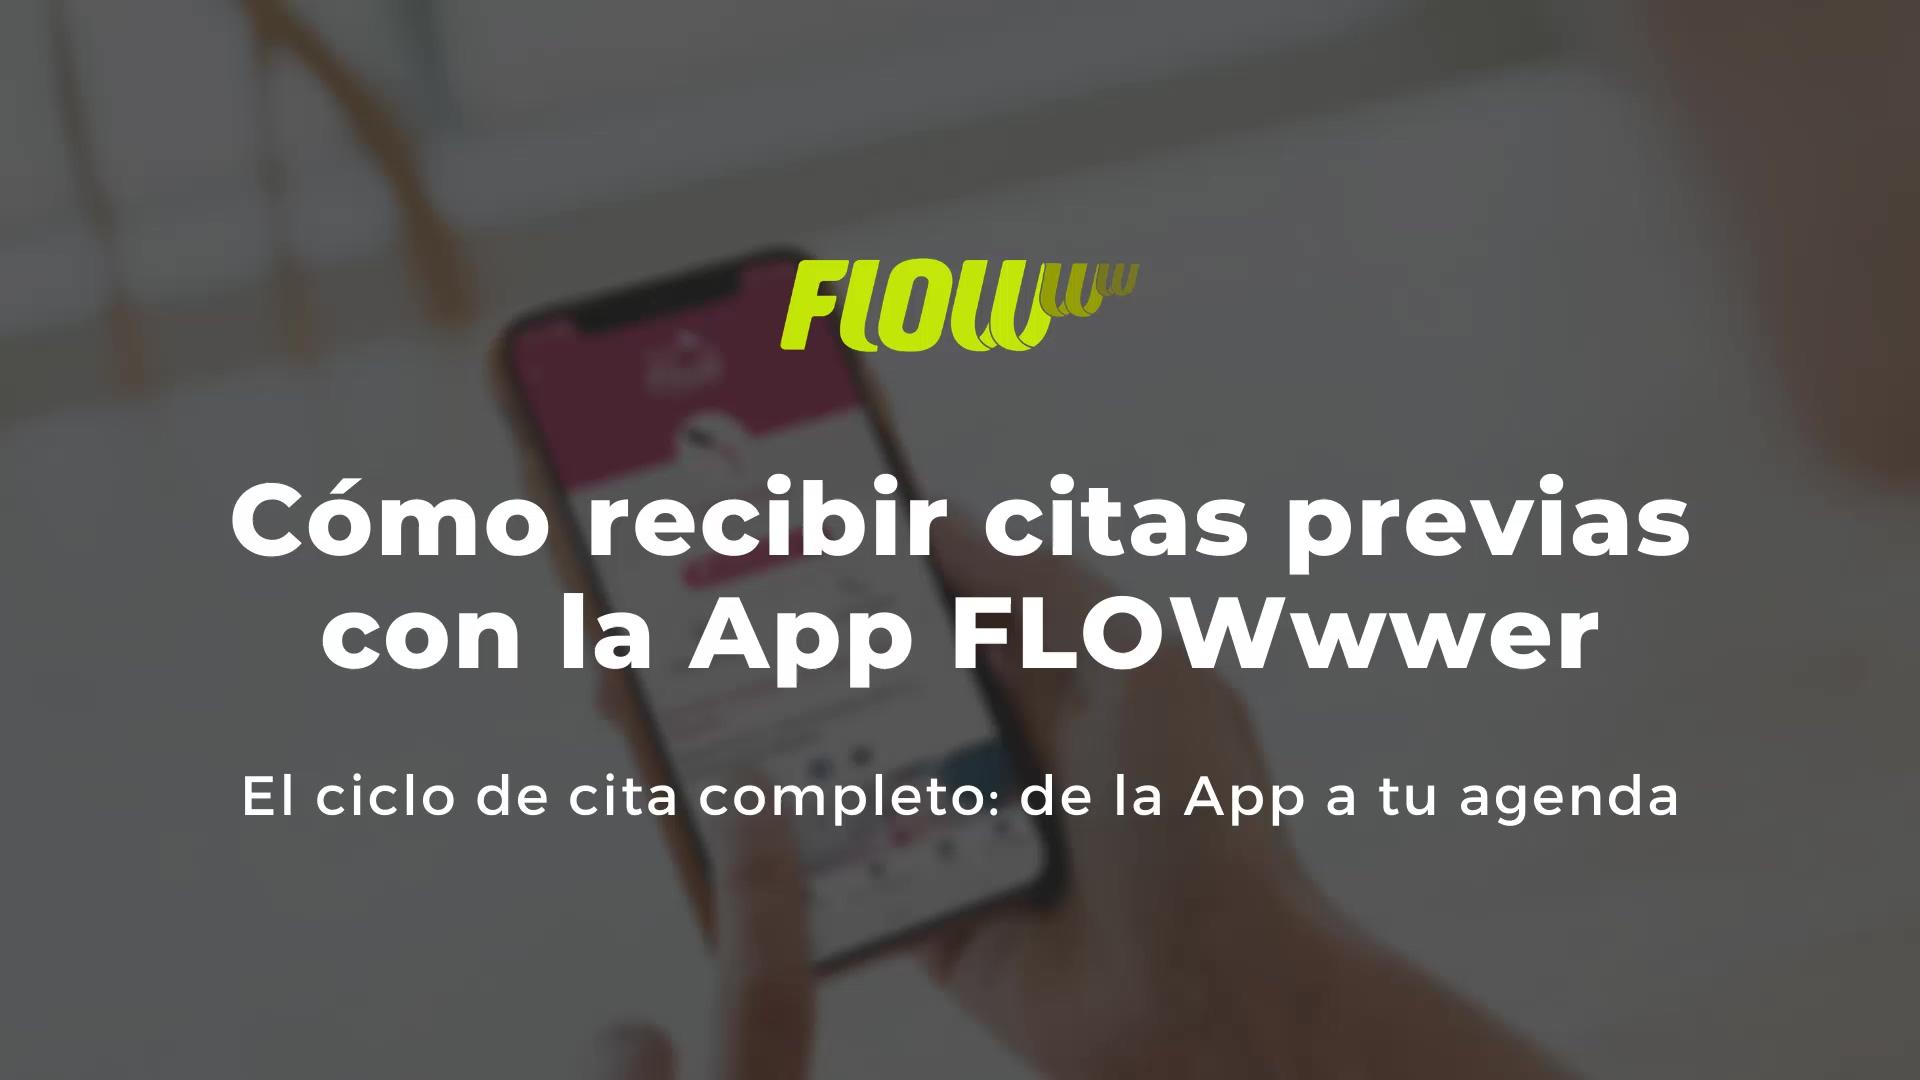 Como recibir citas previas con la App FLOWwwer_Video paso a paso_De la app a tu agenda